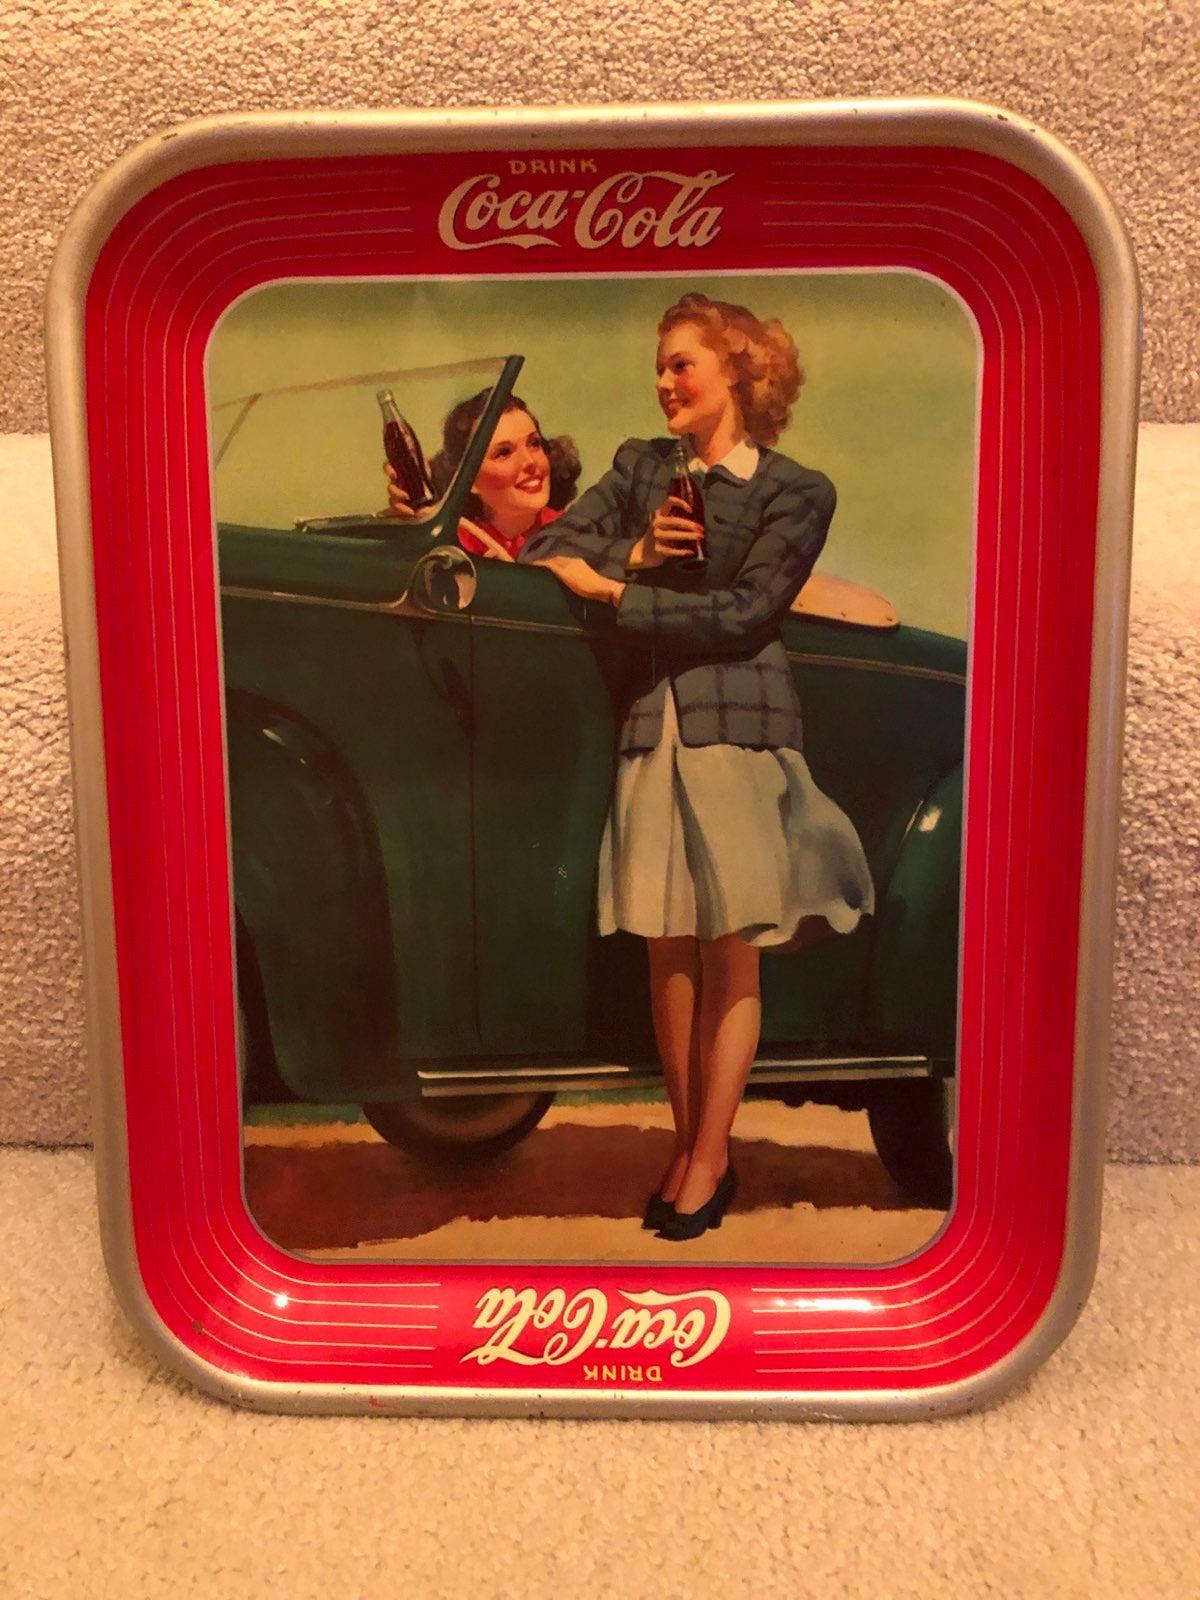 CocaCola Vintage Girls car coke bottles